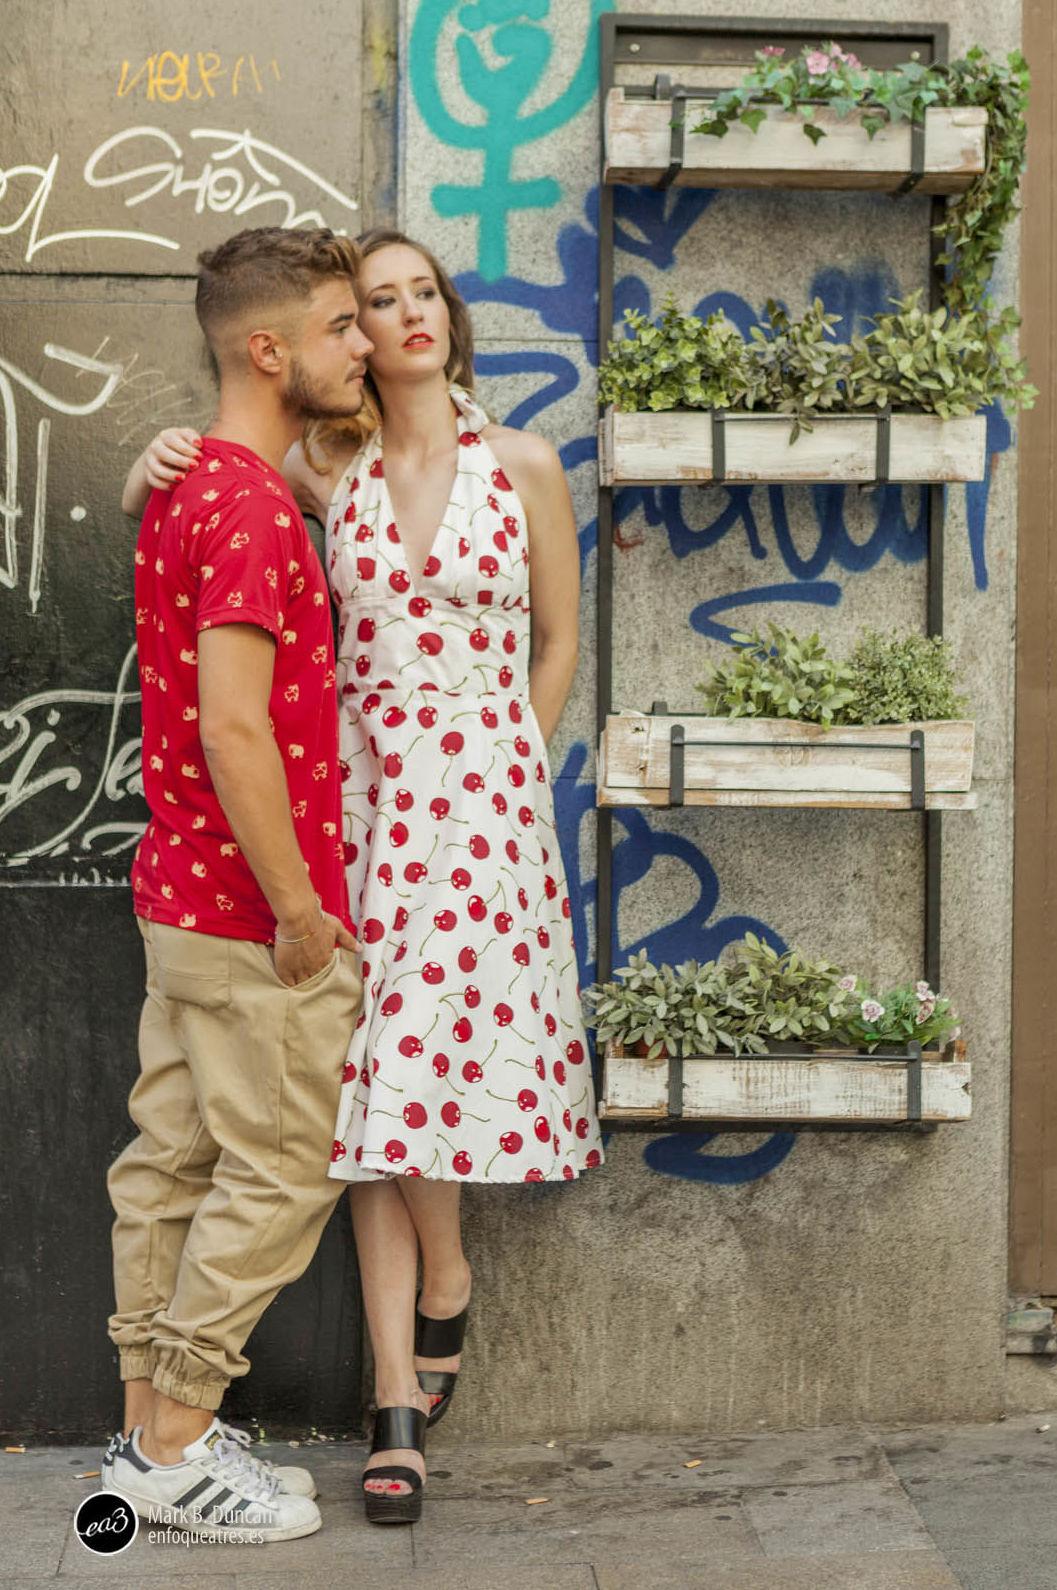 Foto 2 de Tiendas de ropa en Madrid | Picnic Moda Urban y Pinpilinpauxa